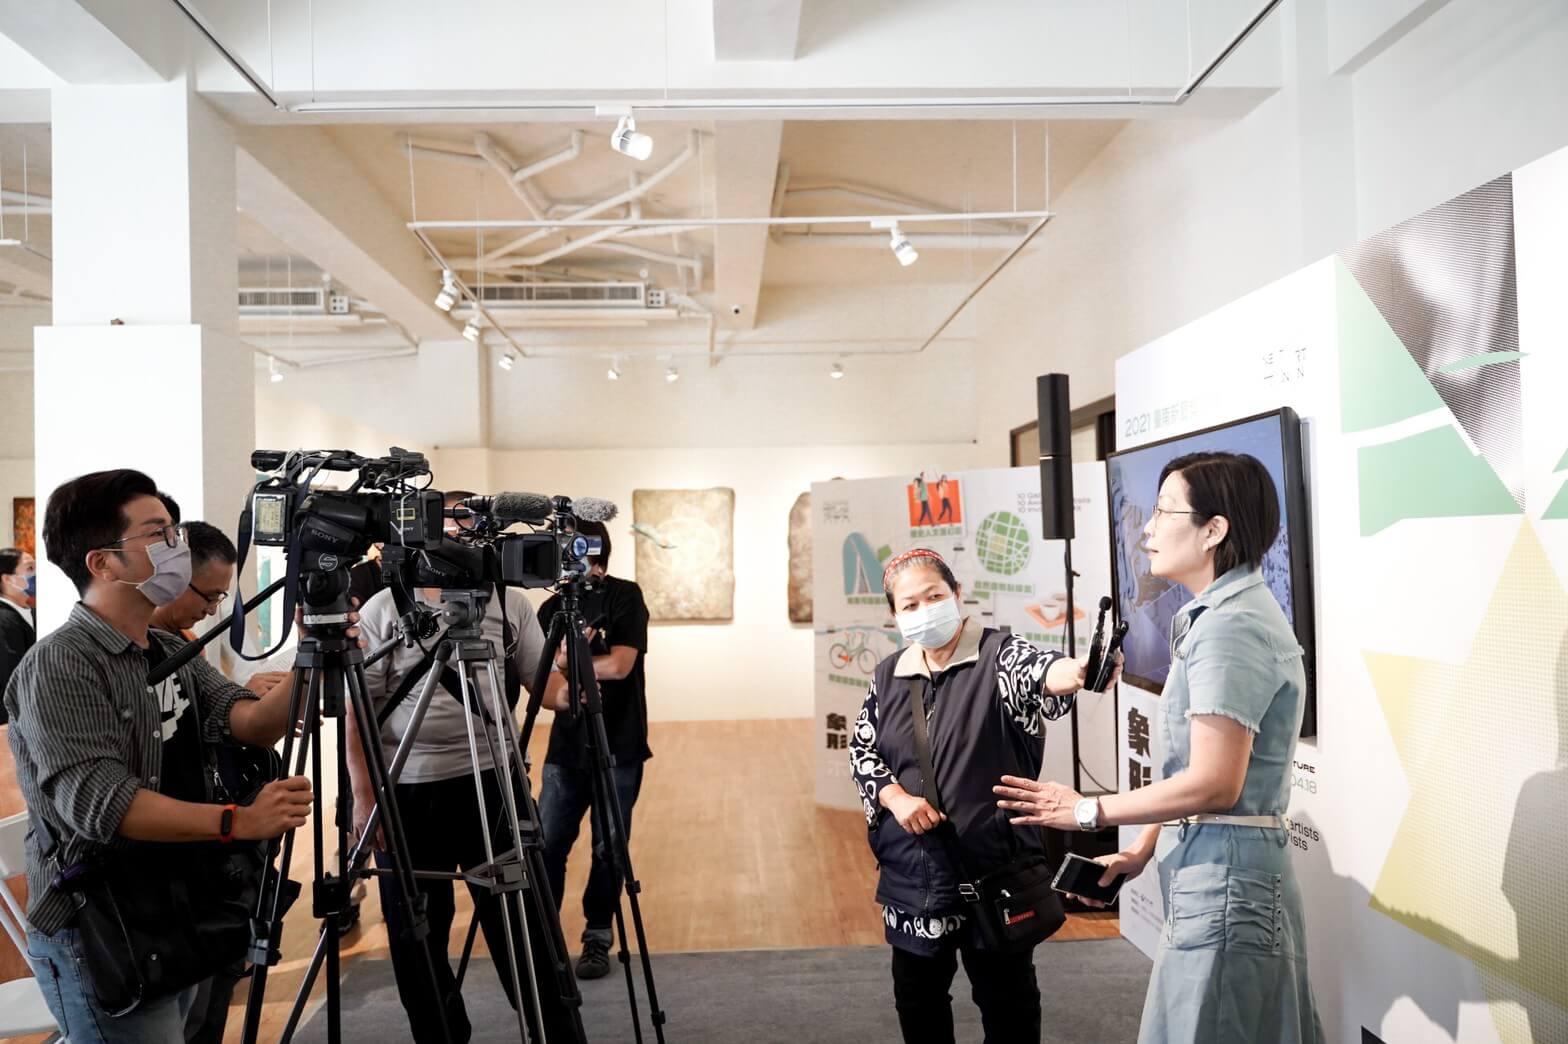 「2021 臺南新藝獎」:在文化共性中詮釋白盒子之外的當代創制